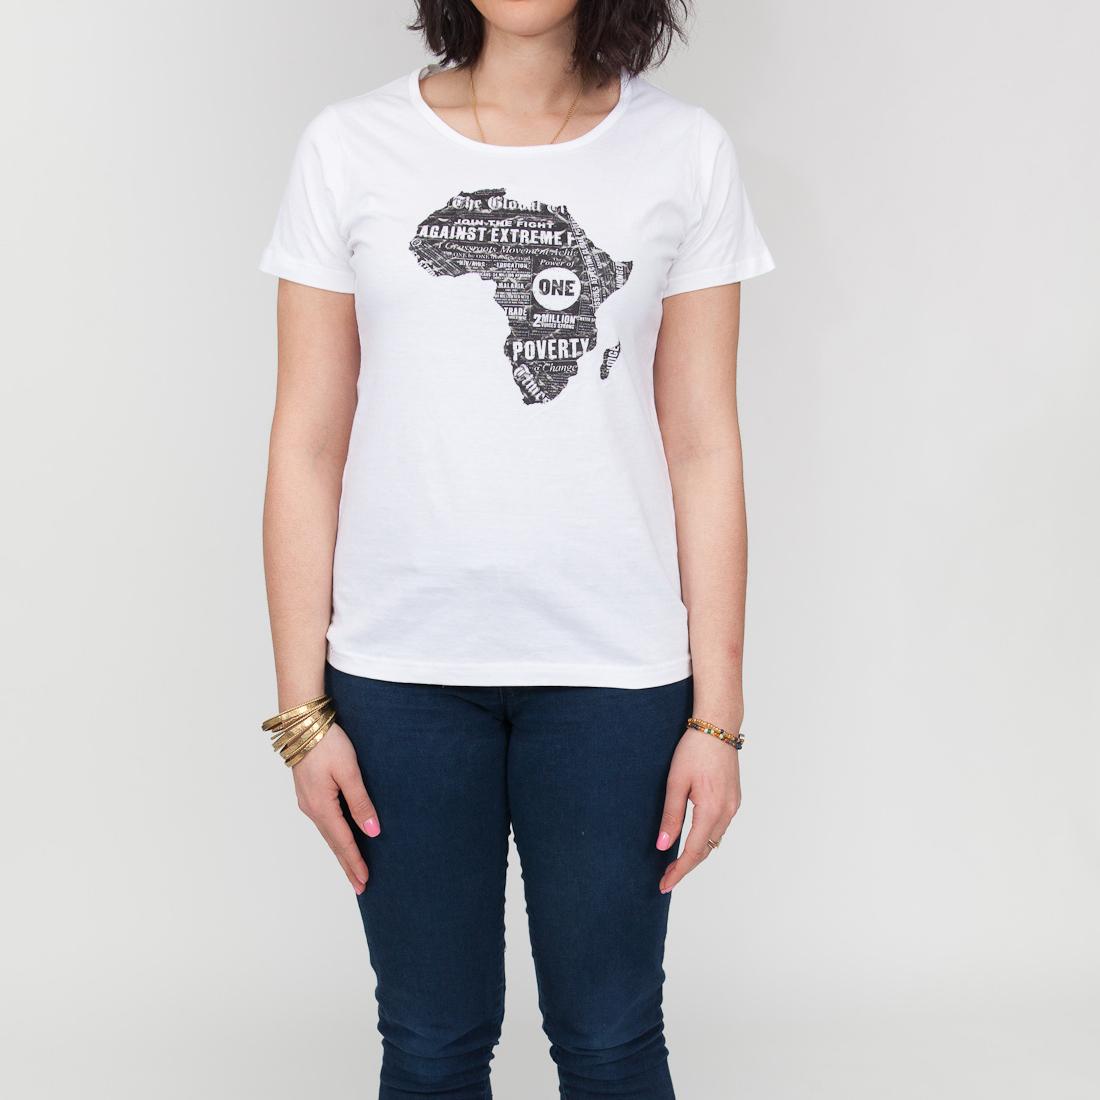 ONE - Women's Next Top T-Shirt (2009)